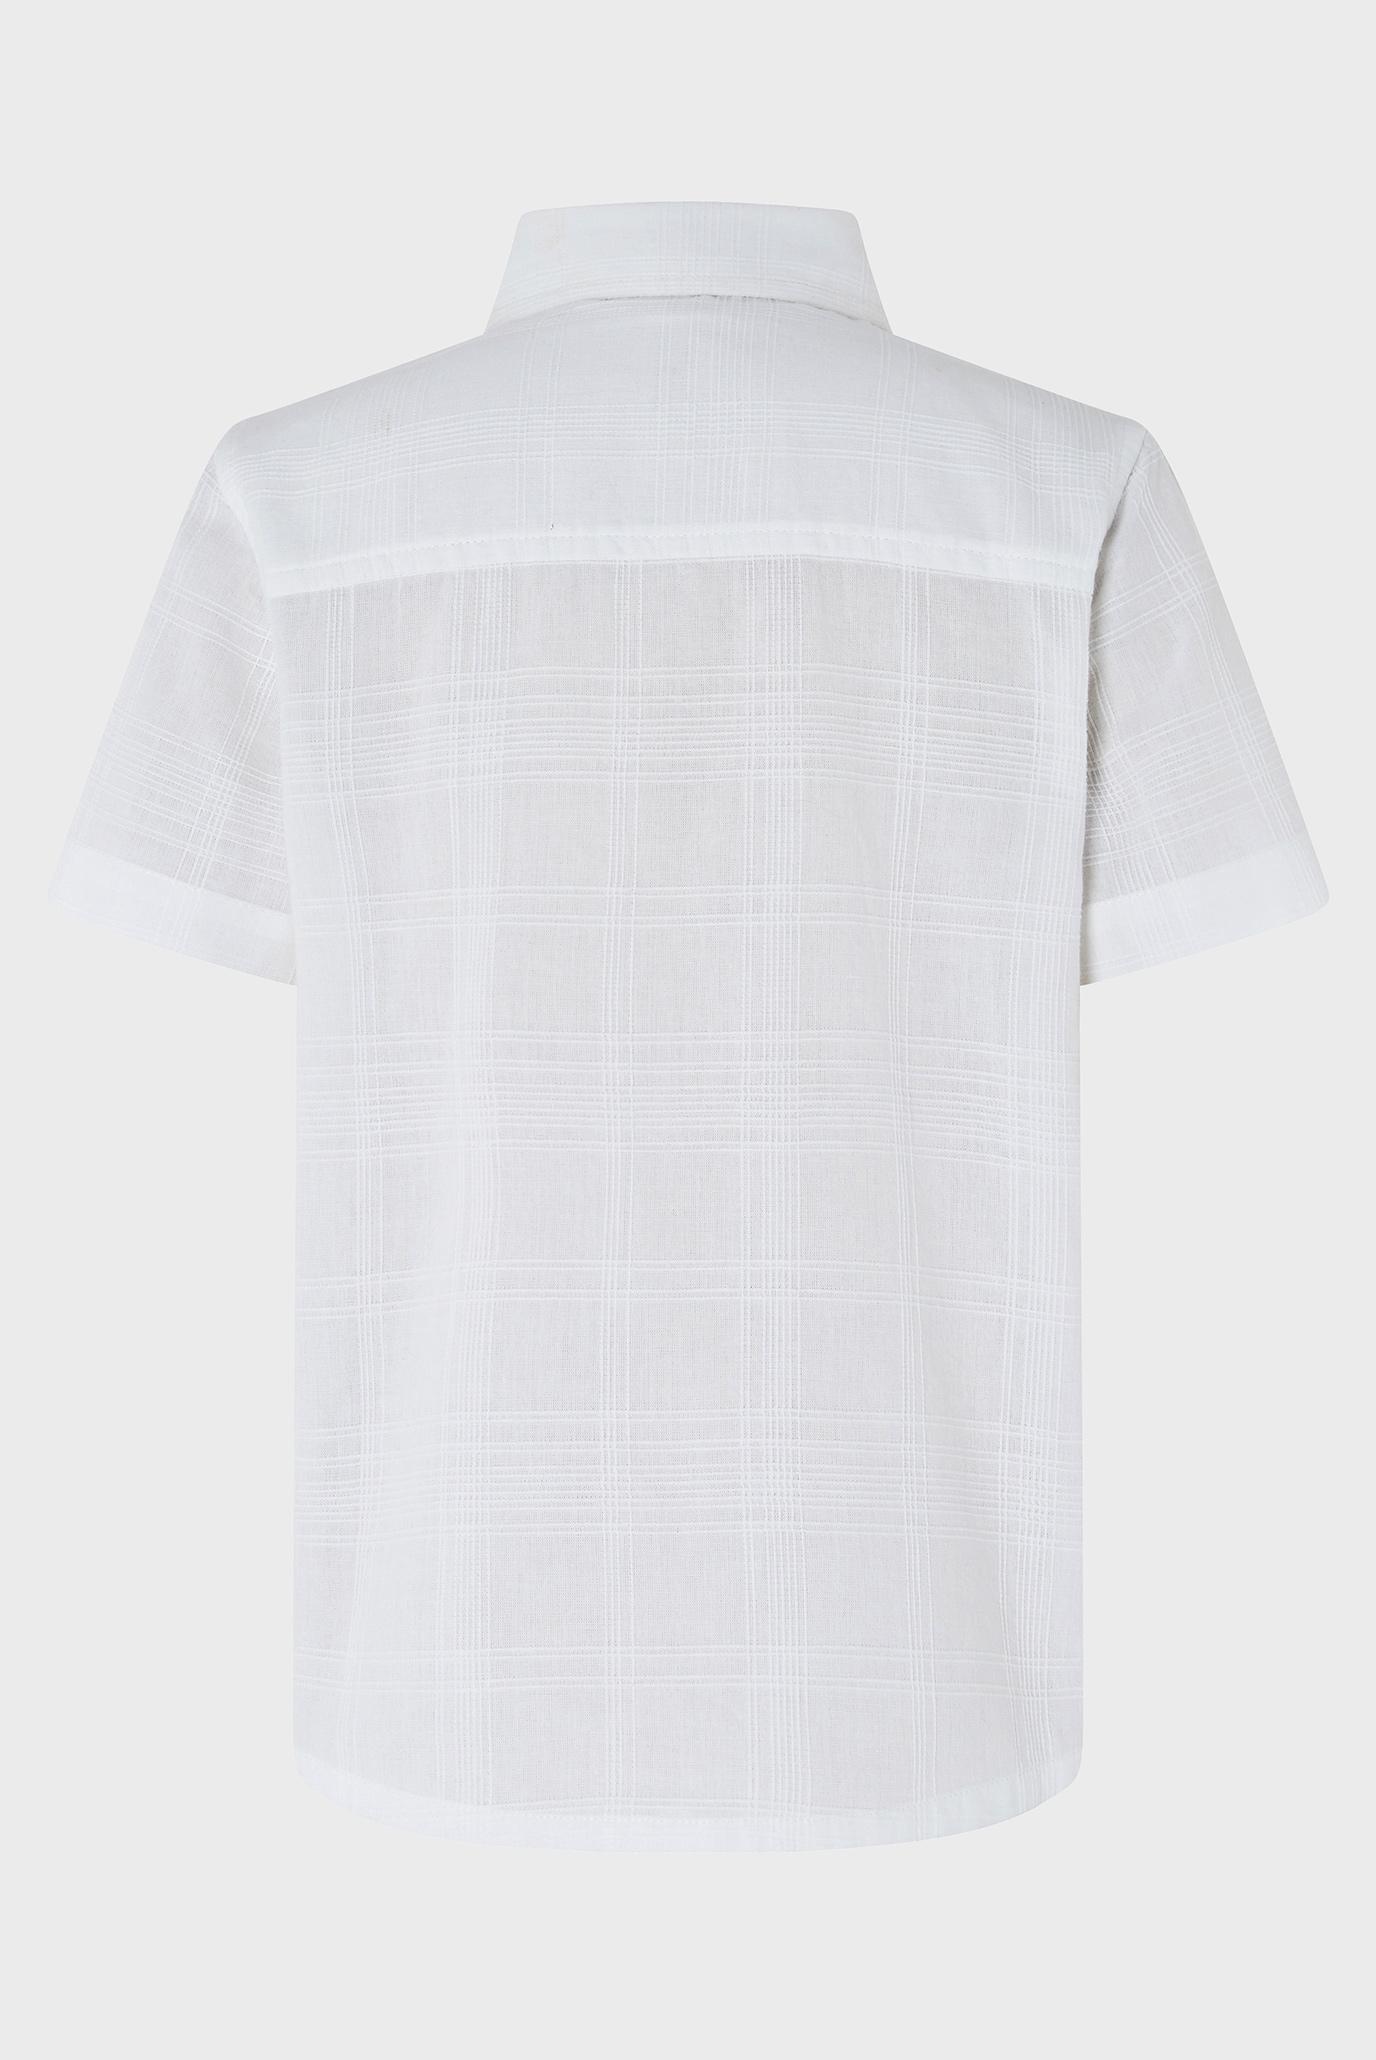 Купить Детская бежевая рубашка Zayden Jungle Monsoon Children Monsoon Children 616692 – Киев, Украина. Цены в интернет магазине MD Fashion